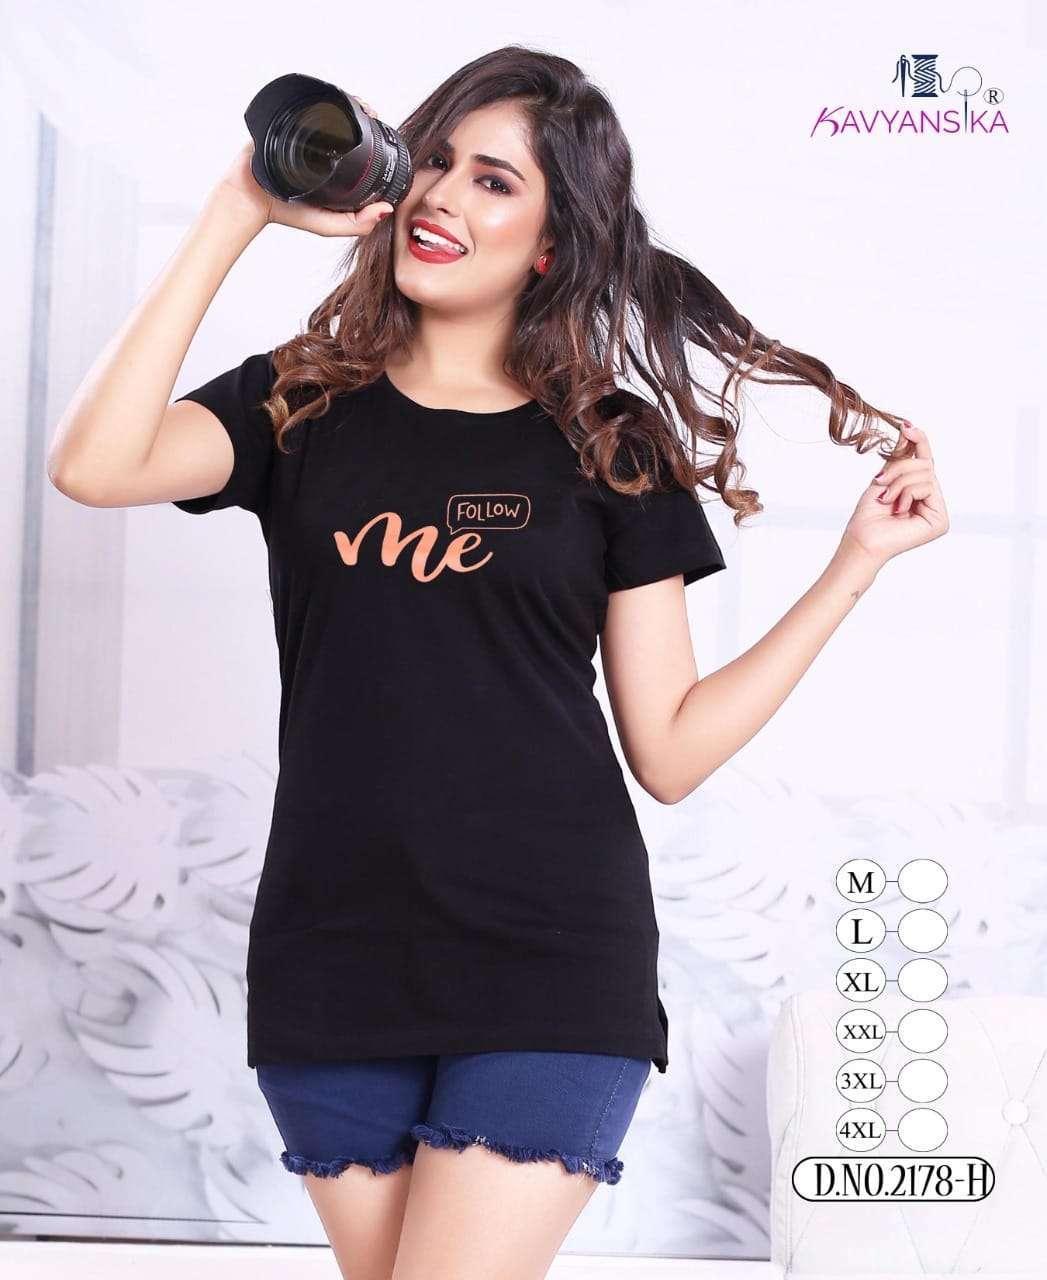 kavyansika vol 2178 Premium Hosiery Cotton Tshirt with Side cut